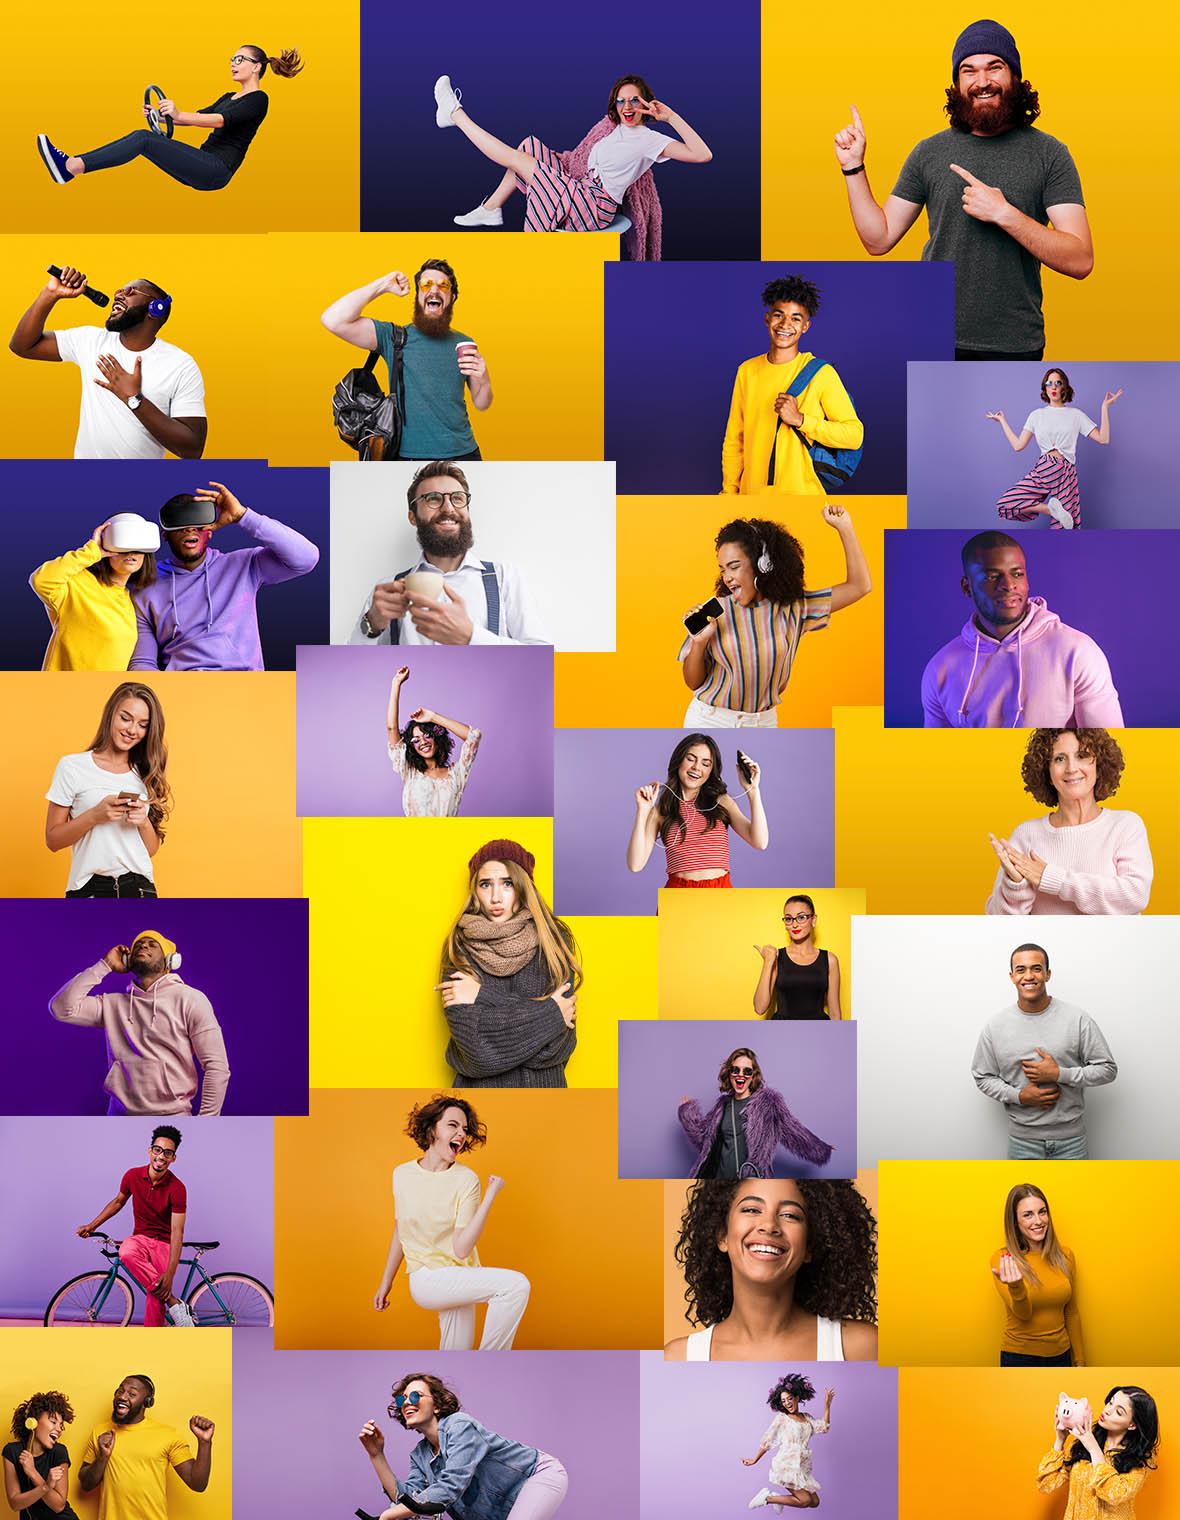 facethepublic fotografie stock header sfeerfoto compilatie moodboard